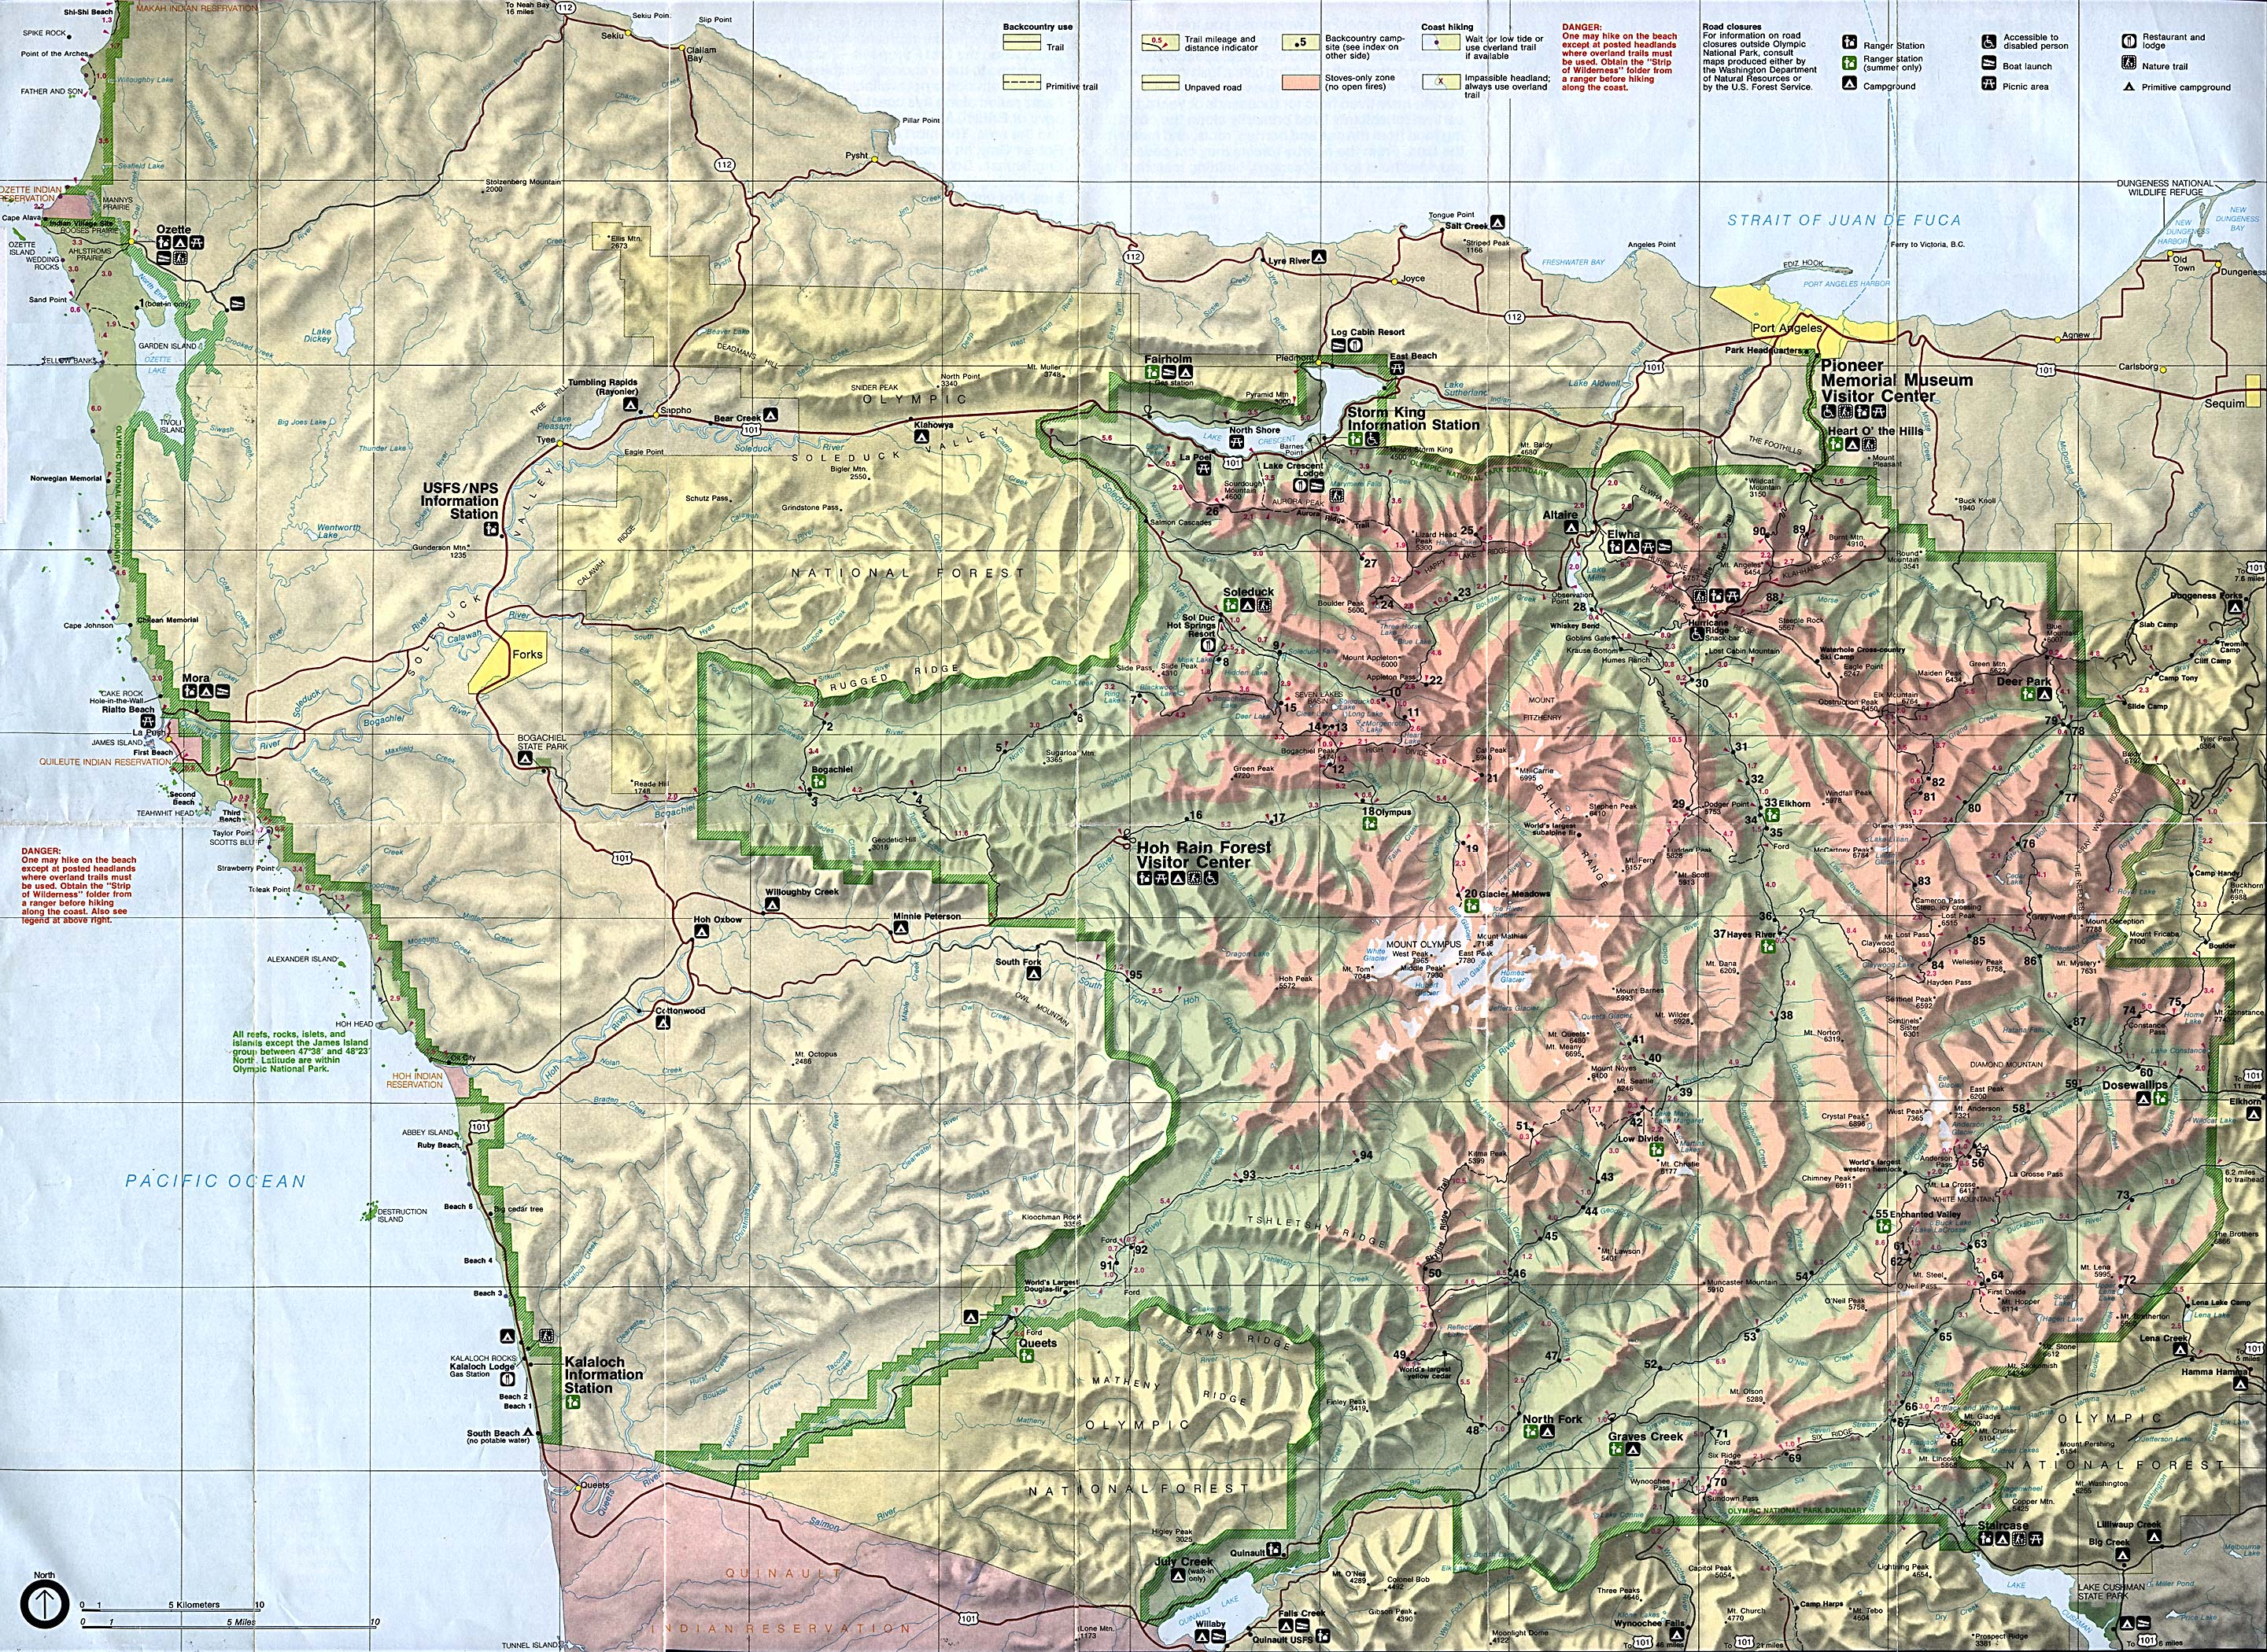 Mapa del Parque Nacional Olympic, Washington, Estados Unidos